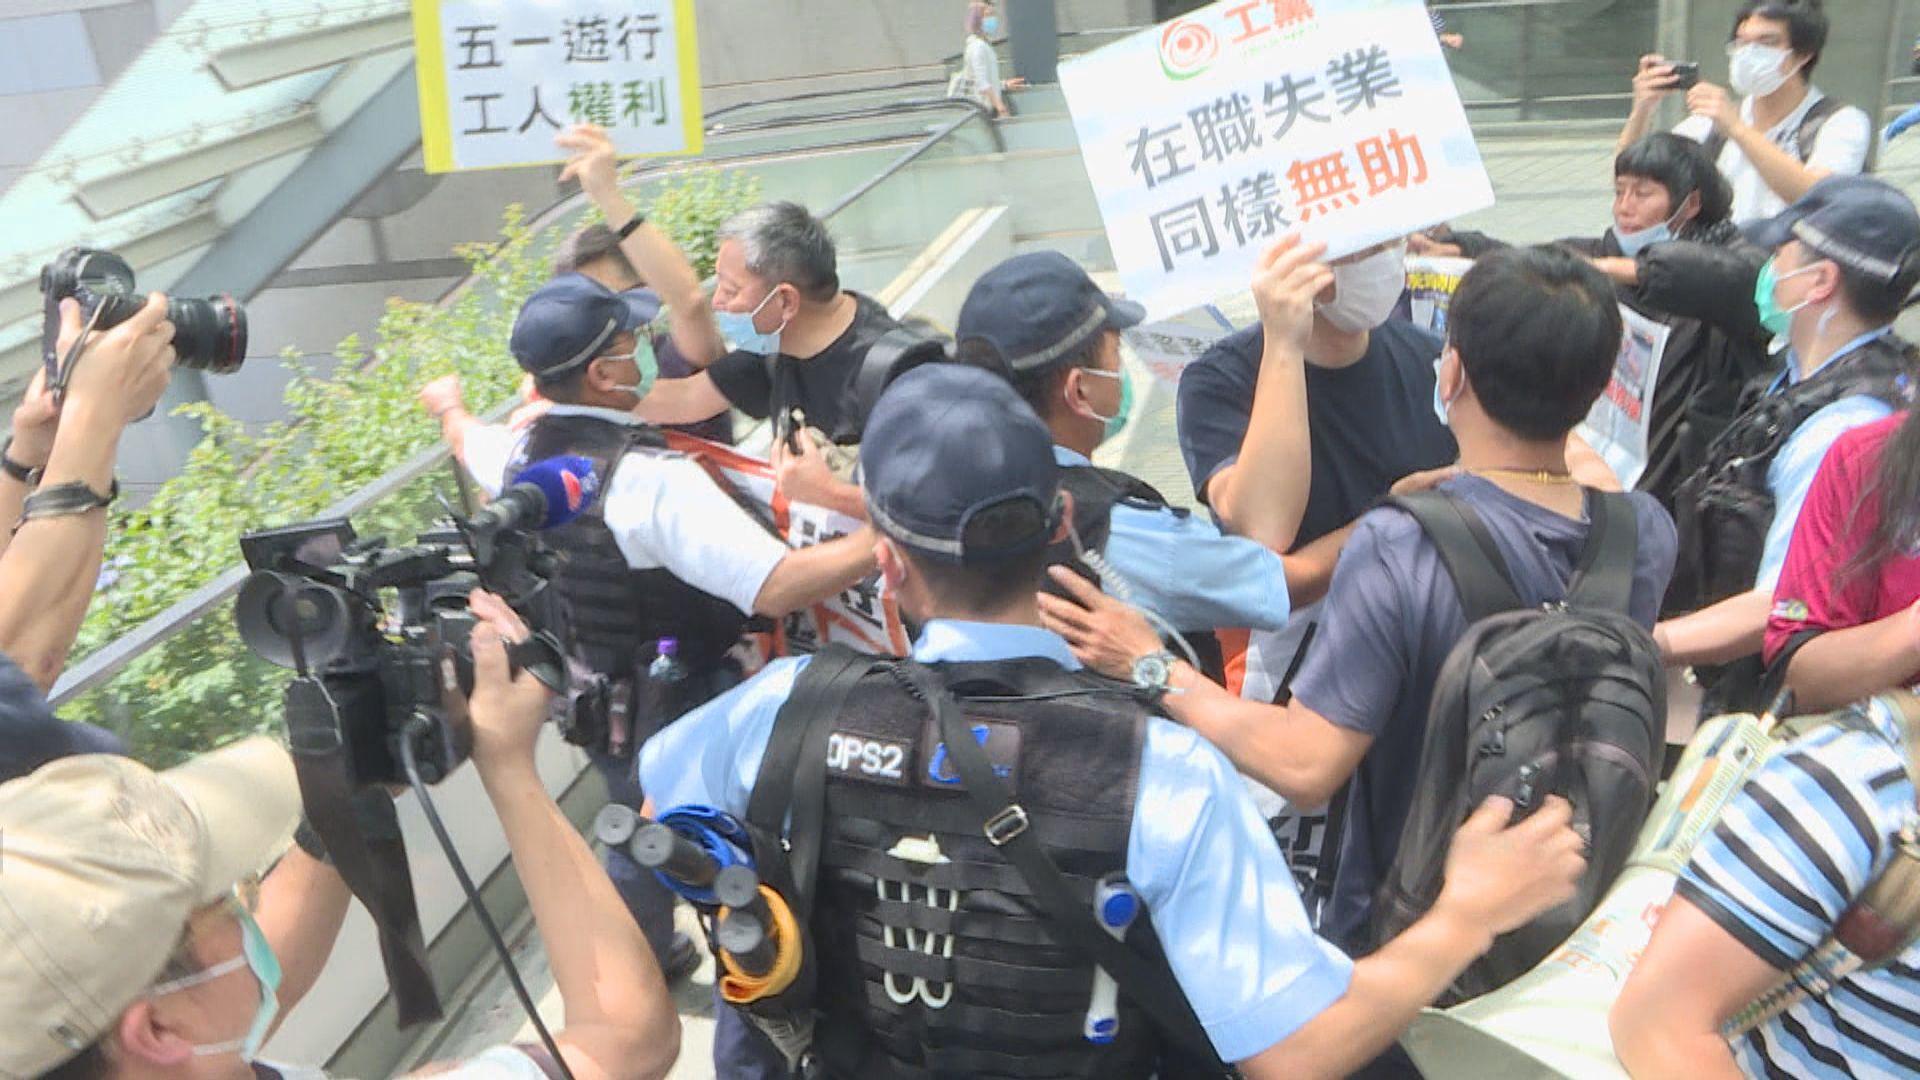 工黨社民連八人去年五一遊行違限聚令罪成判緩刑